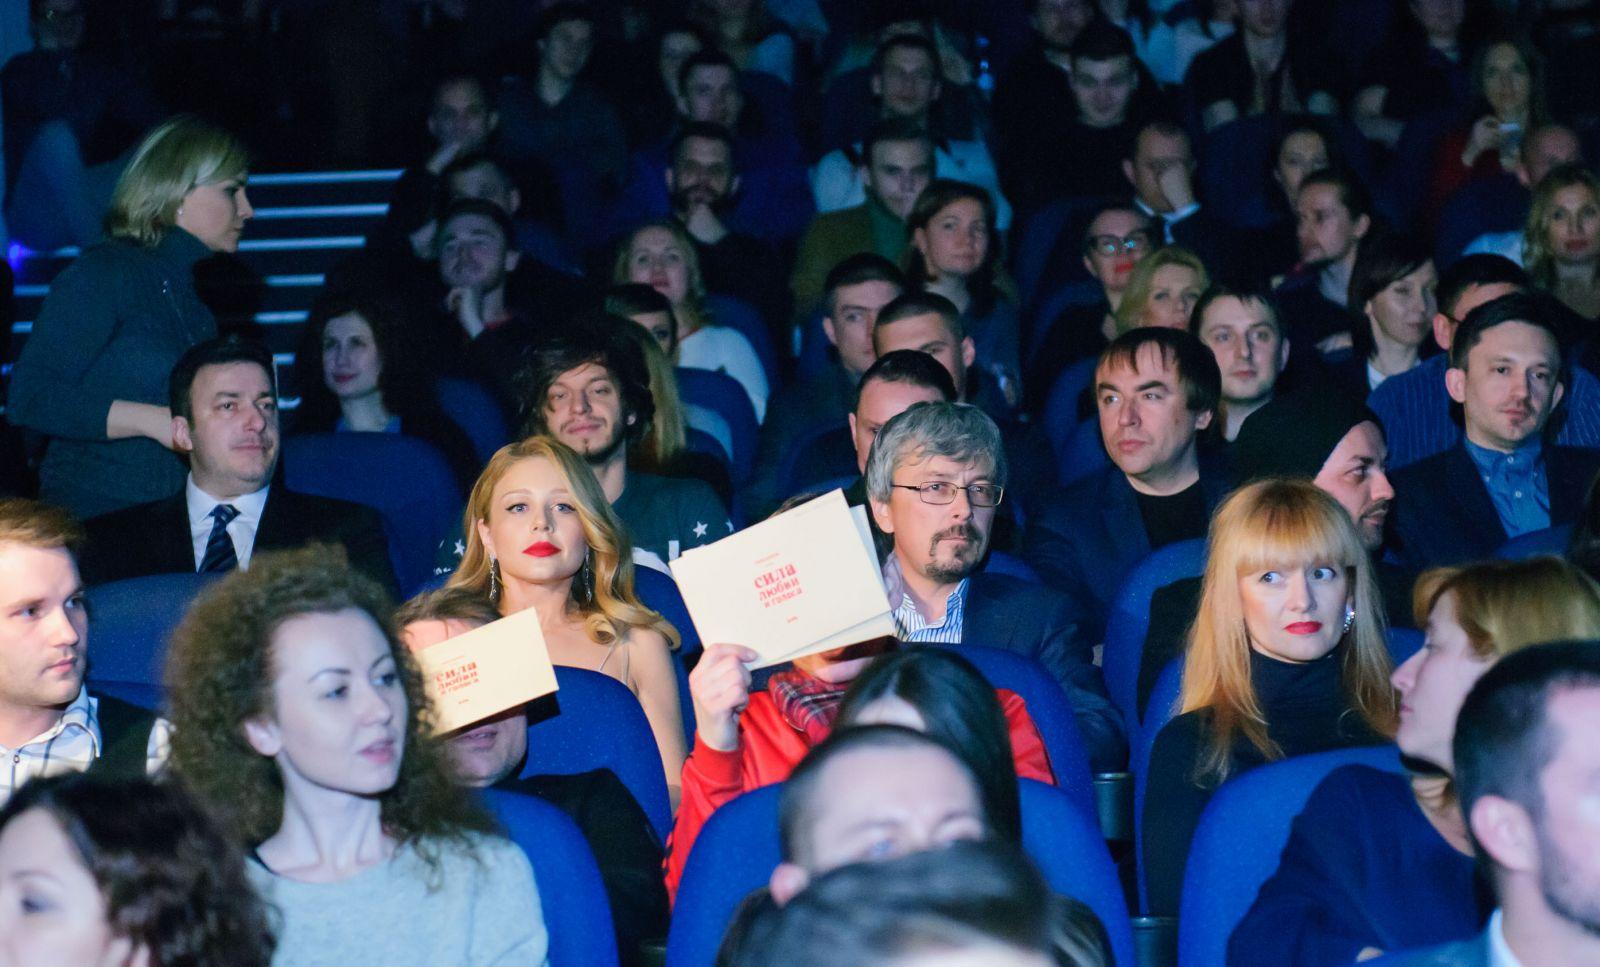 Тина Кароль фильм о муже сила любви и голоса фото 2014